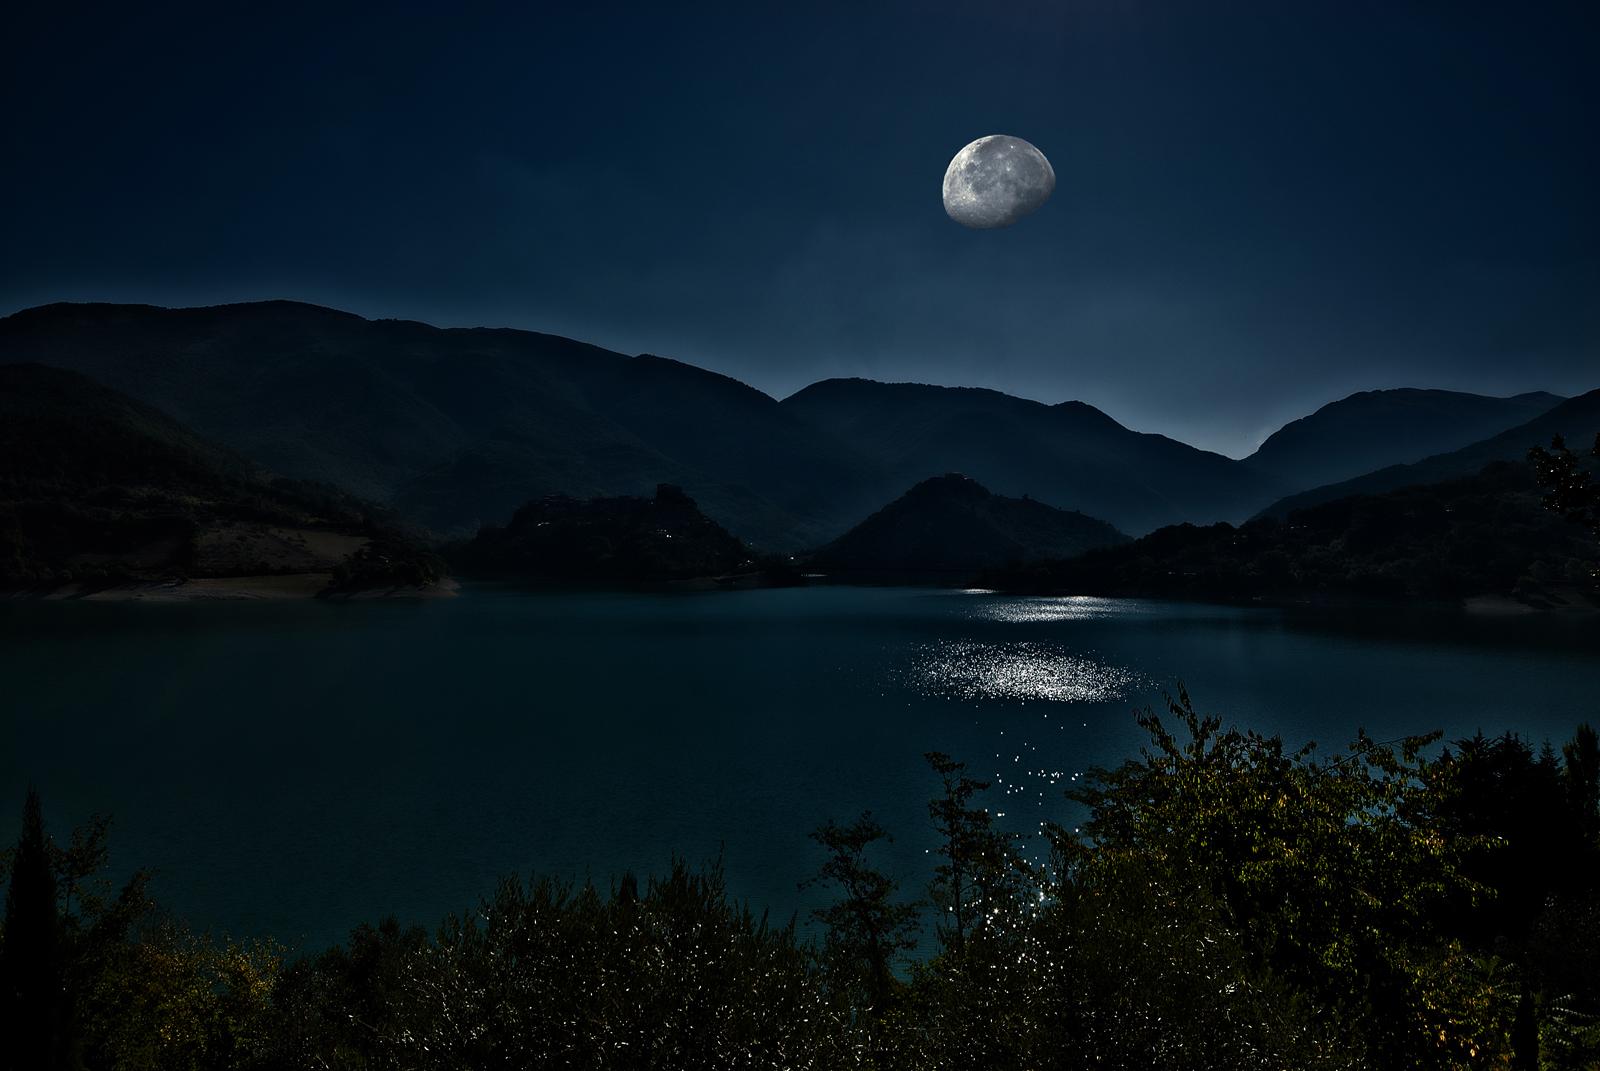 Chiaro di luna foto immagini natura paesaggi foto su fotocommunity - Il giardino al chiaro di luna ...